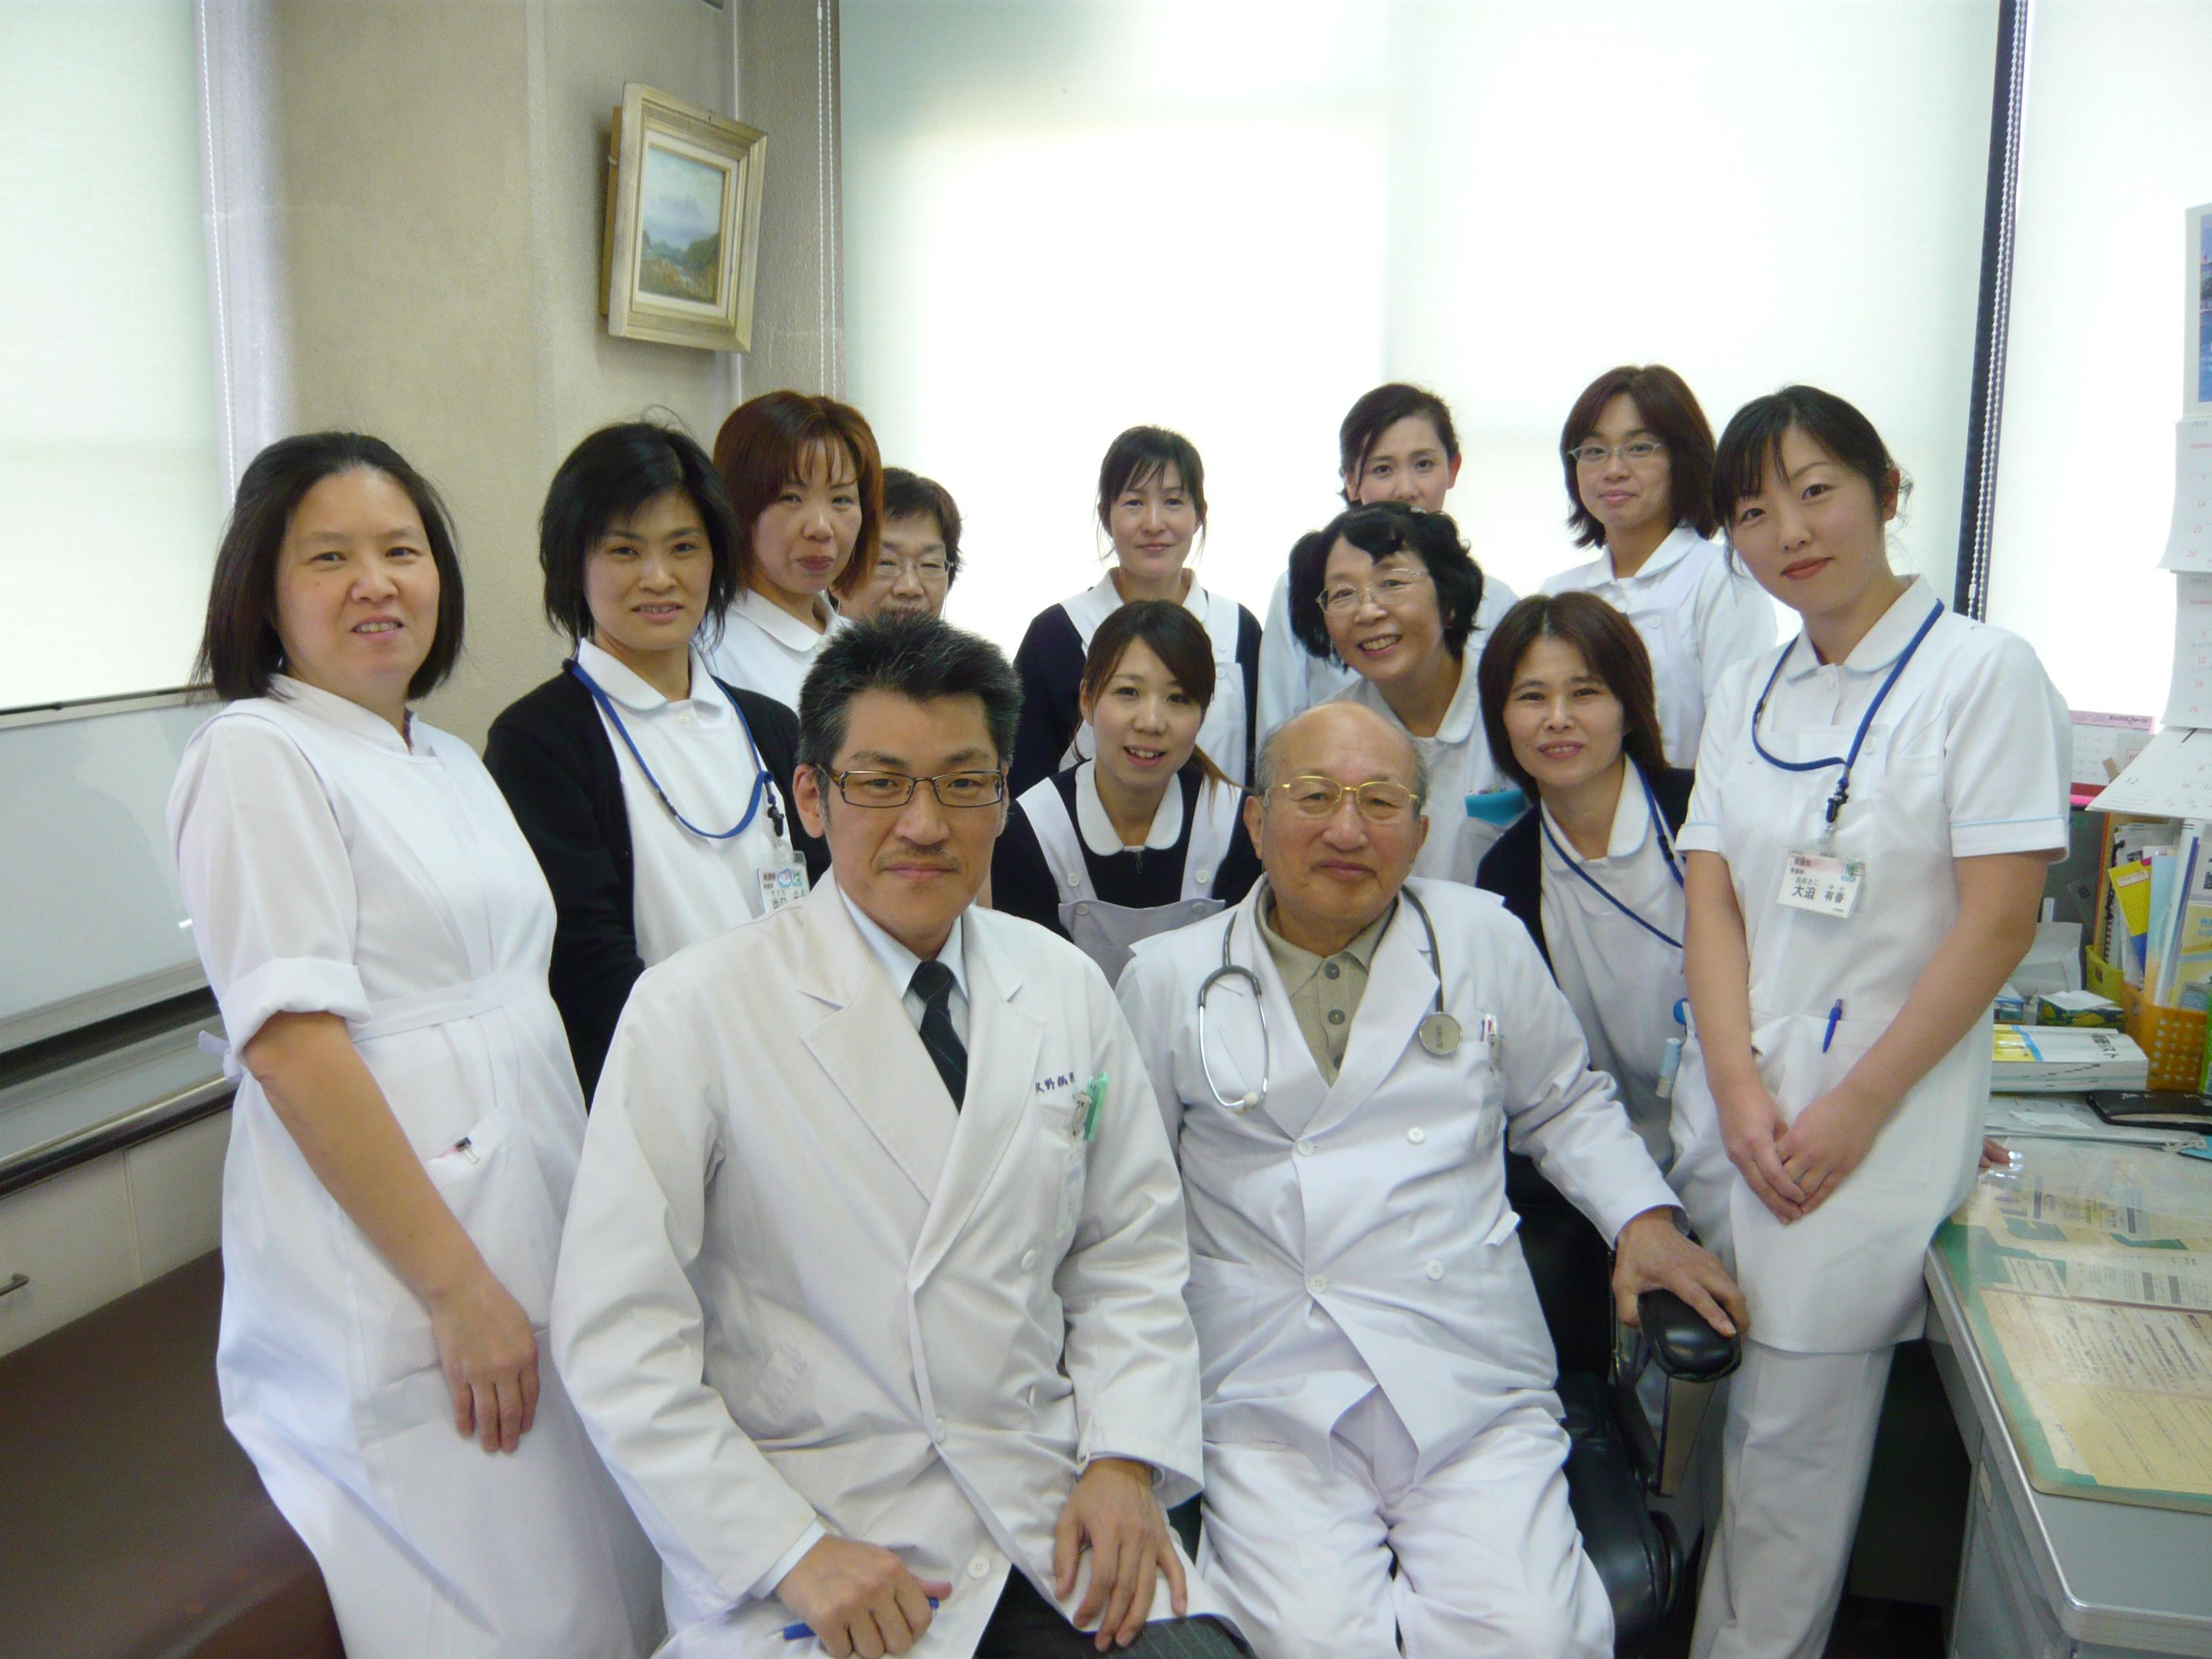 医療法人 東和会グループ 第一東和会病院